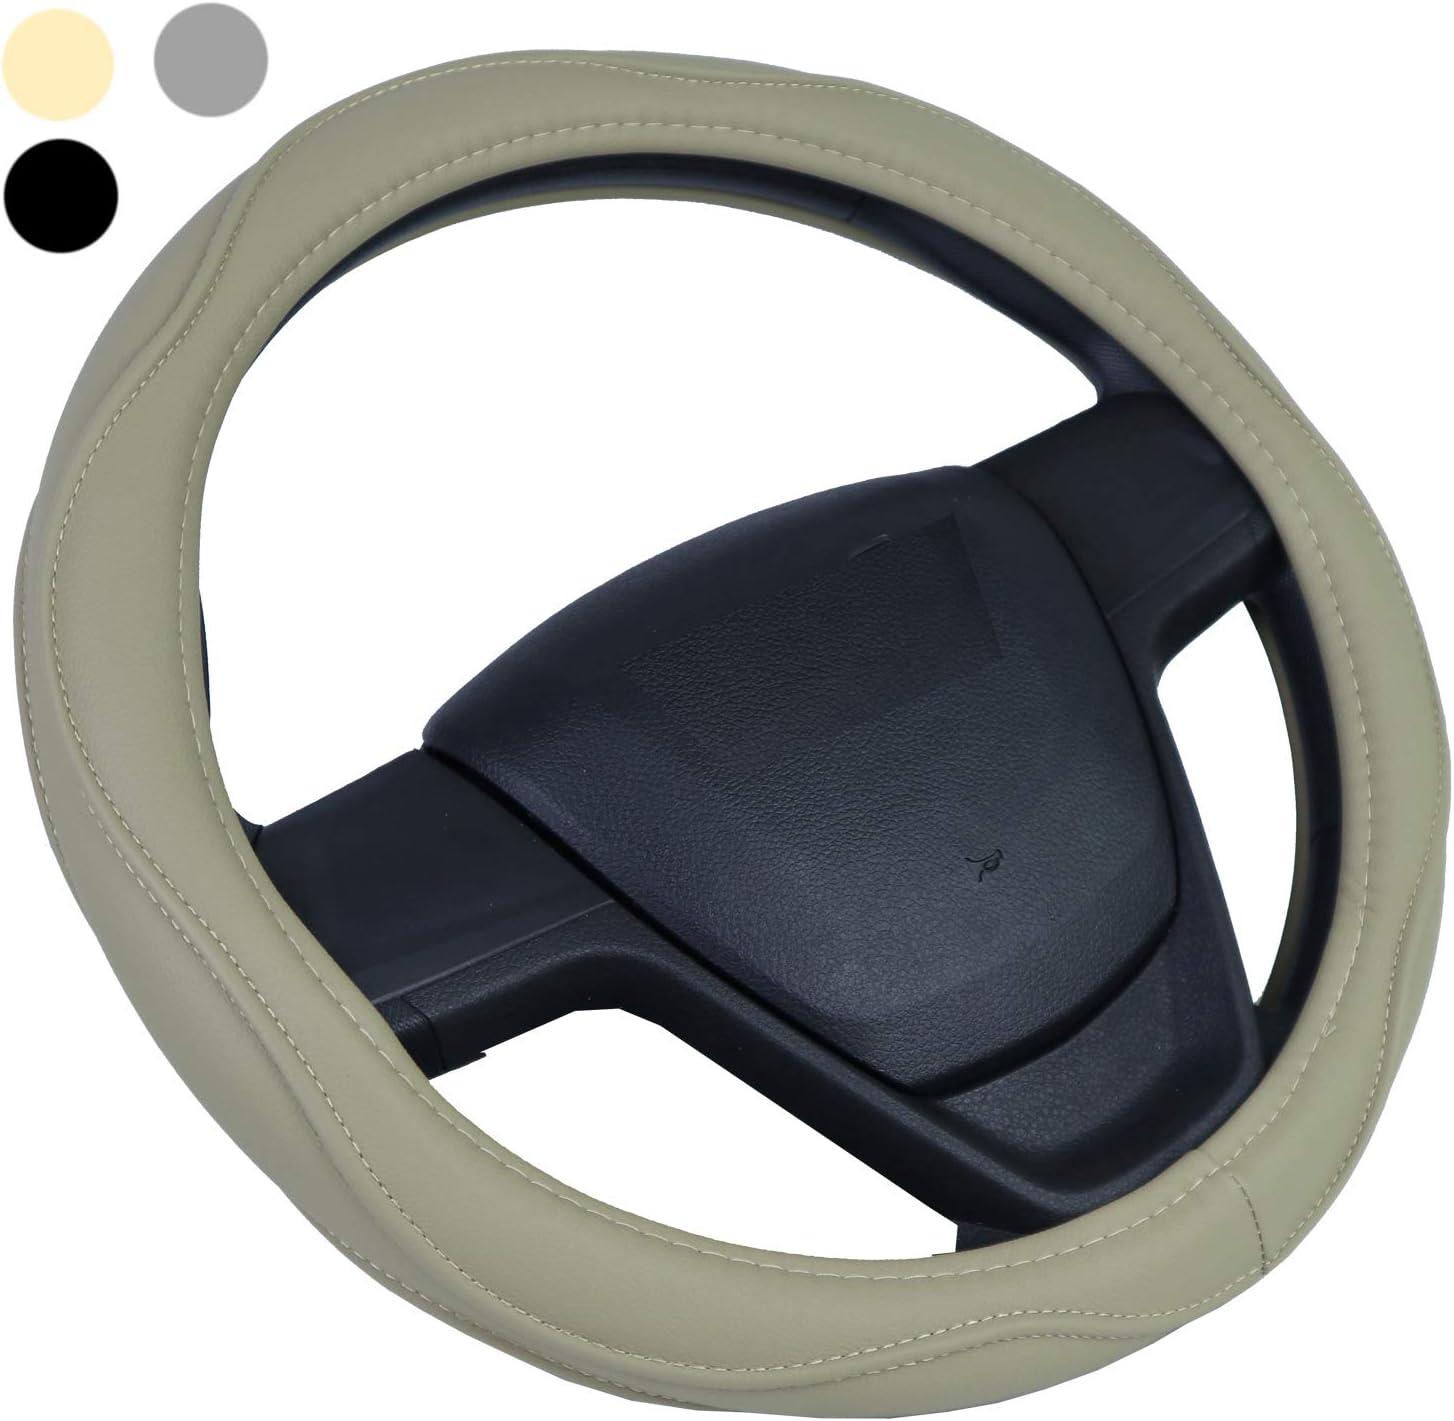 coprivolante universale in microfibra per auto 37 Outon 38 cm